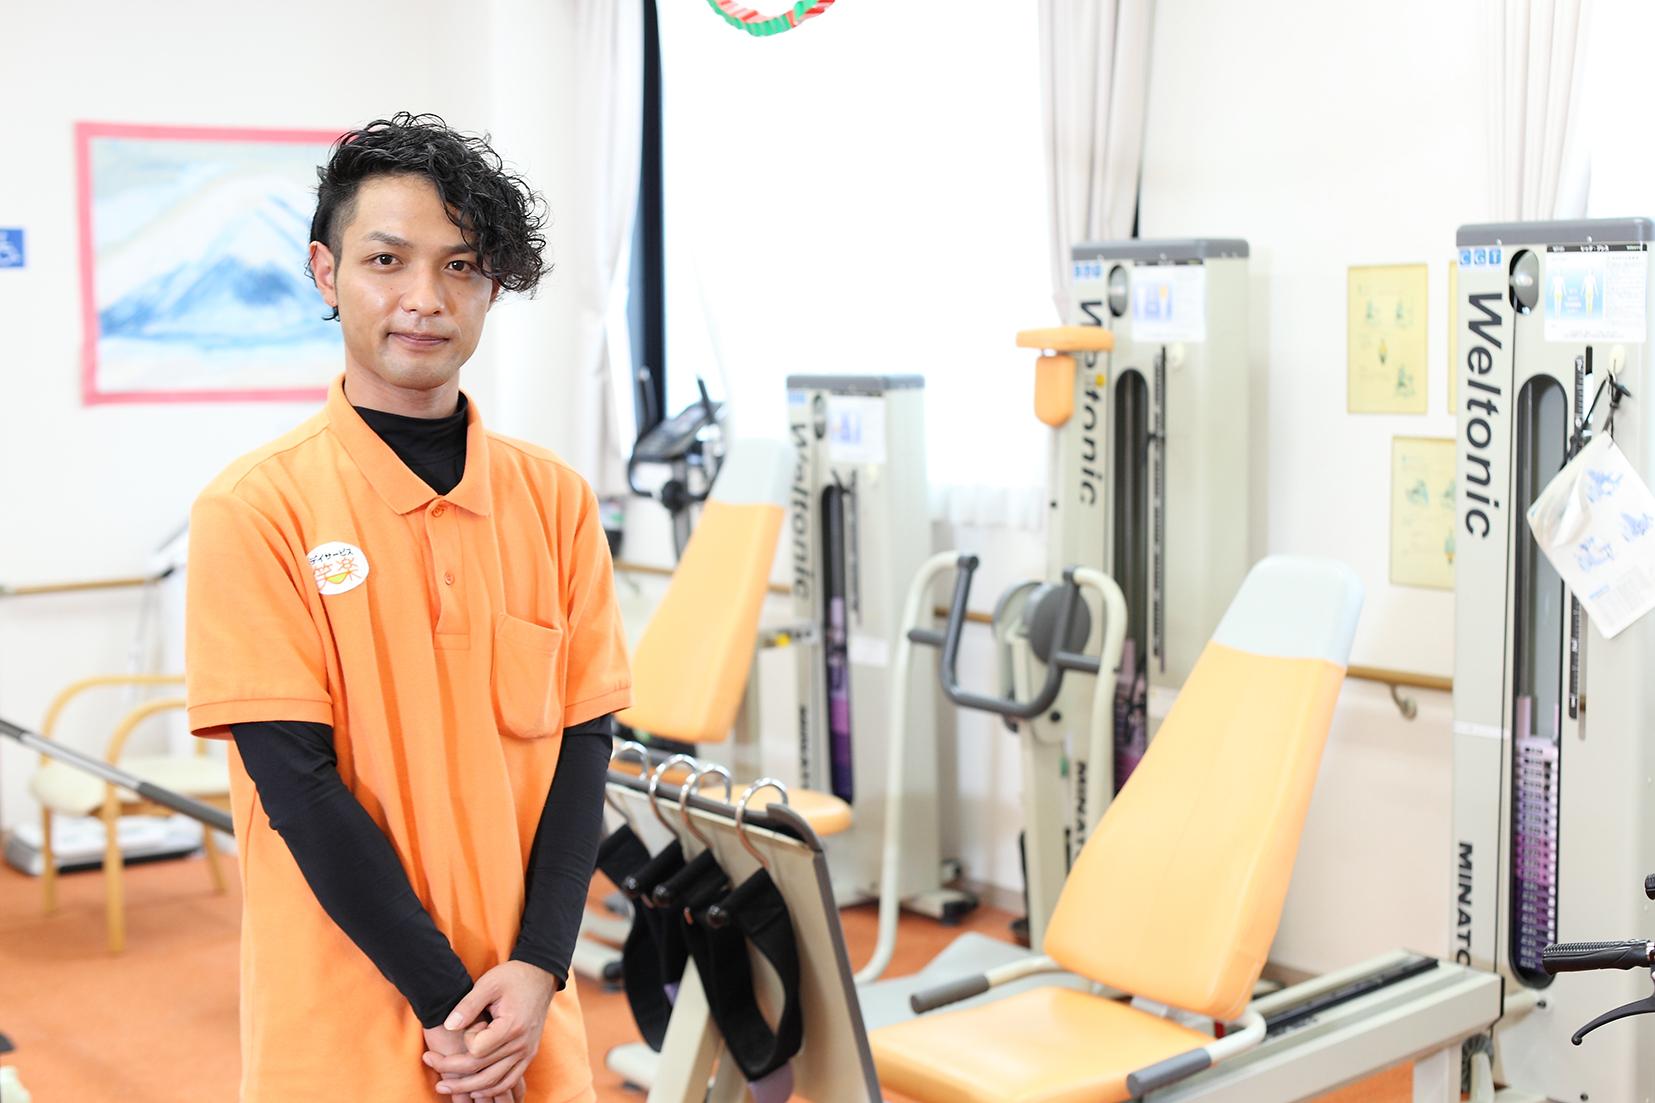 【神戸三宮】総務募集◇有休消化100%を推奨しているので、プライベートも充実!資格取得助成制度あり!